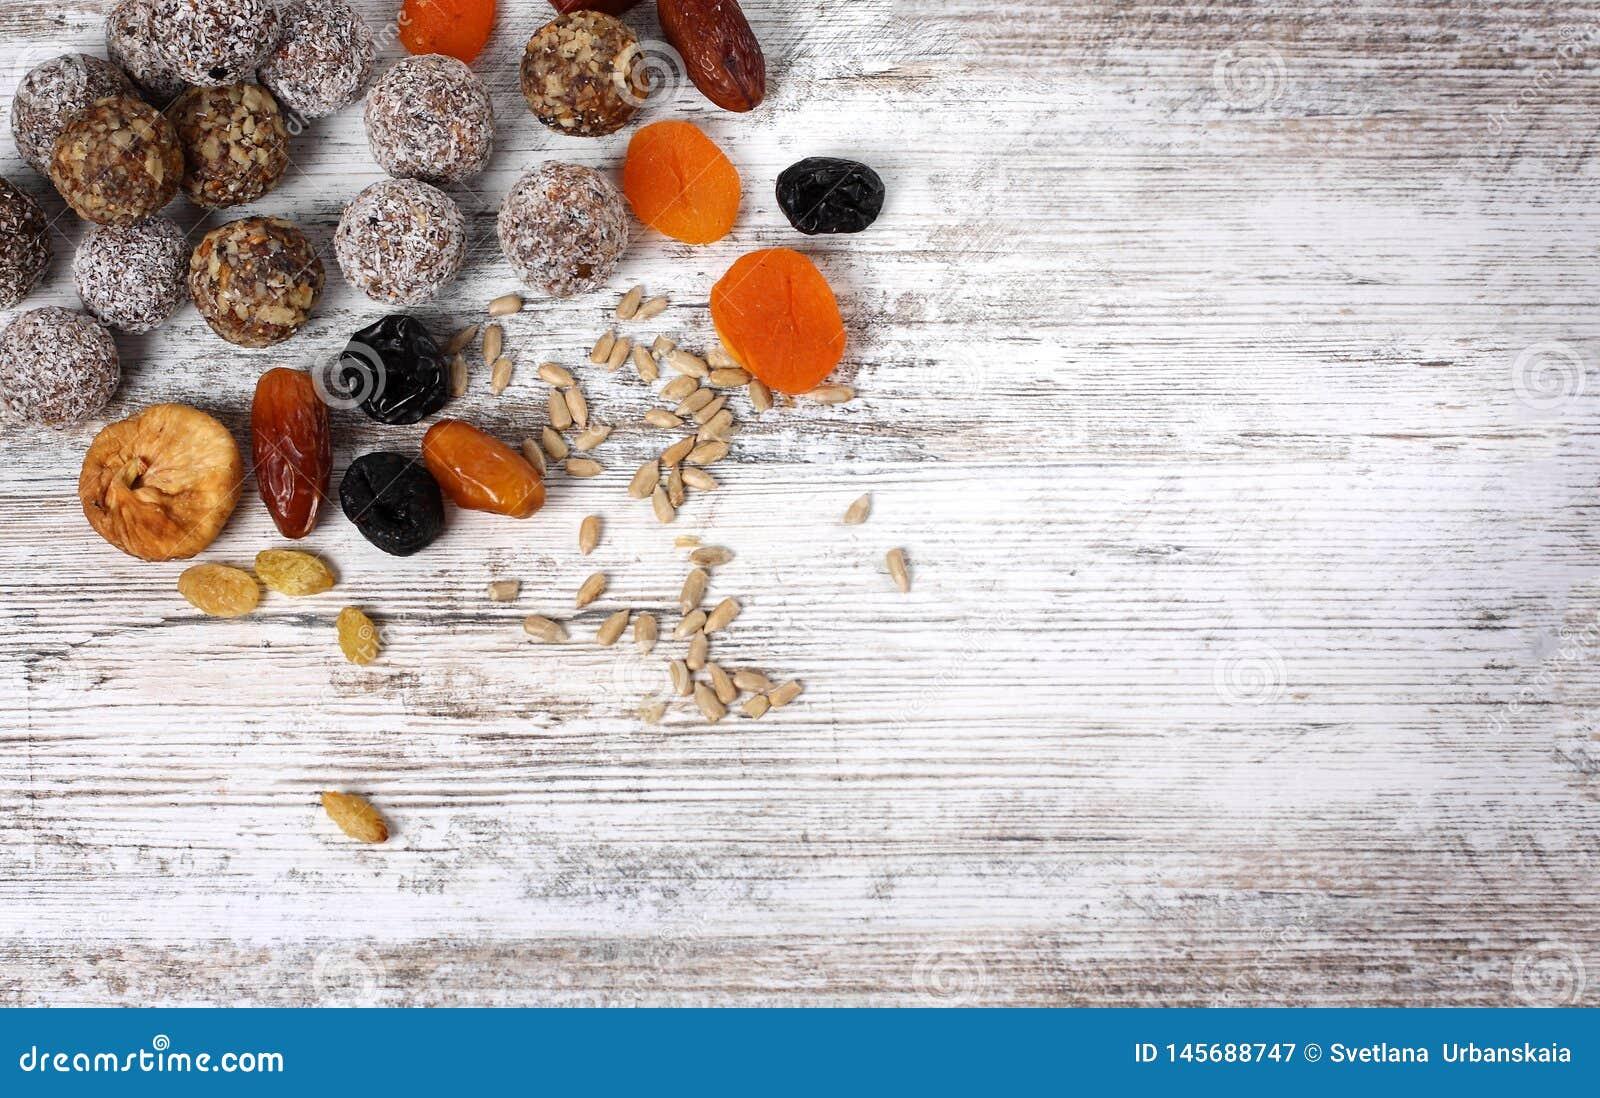 Ζωηρόχρωμες υγιείς σπιτικές καραμέλες με τα καρύδια, ξηρά φρούτα